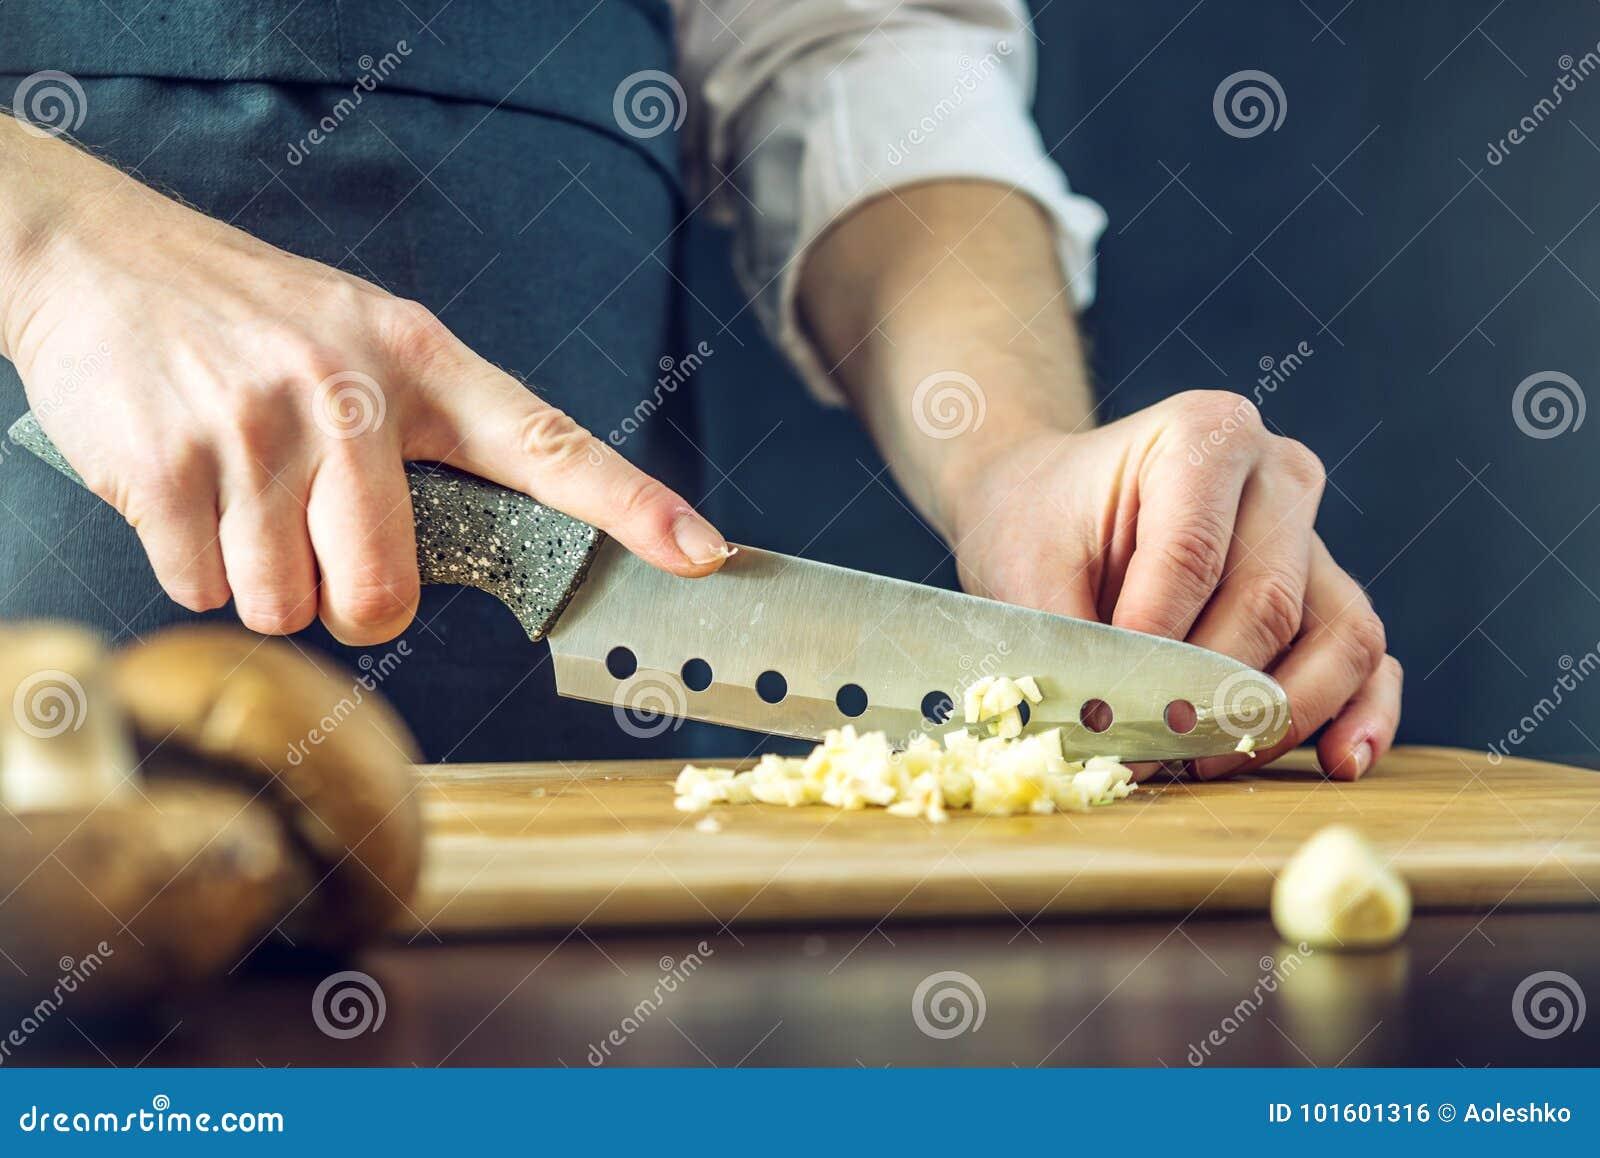 黑围裙的厨师切与刀子的大蒜 环境友好的产品的概念烹调的